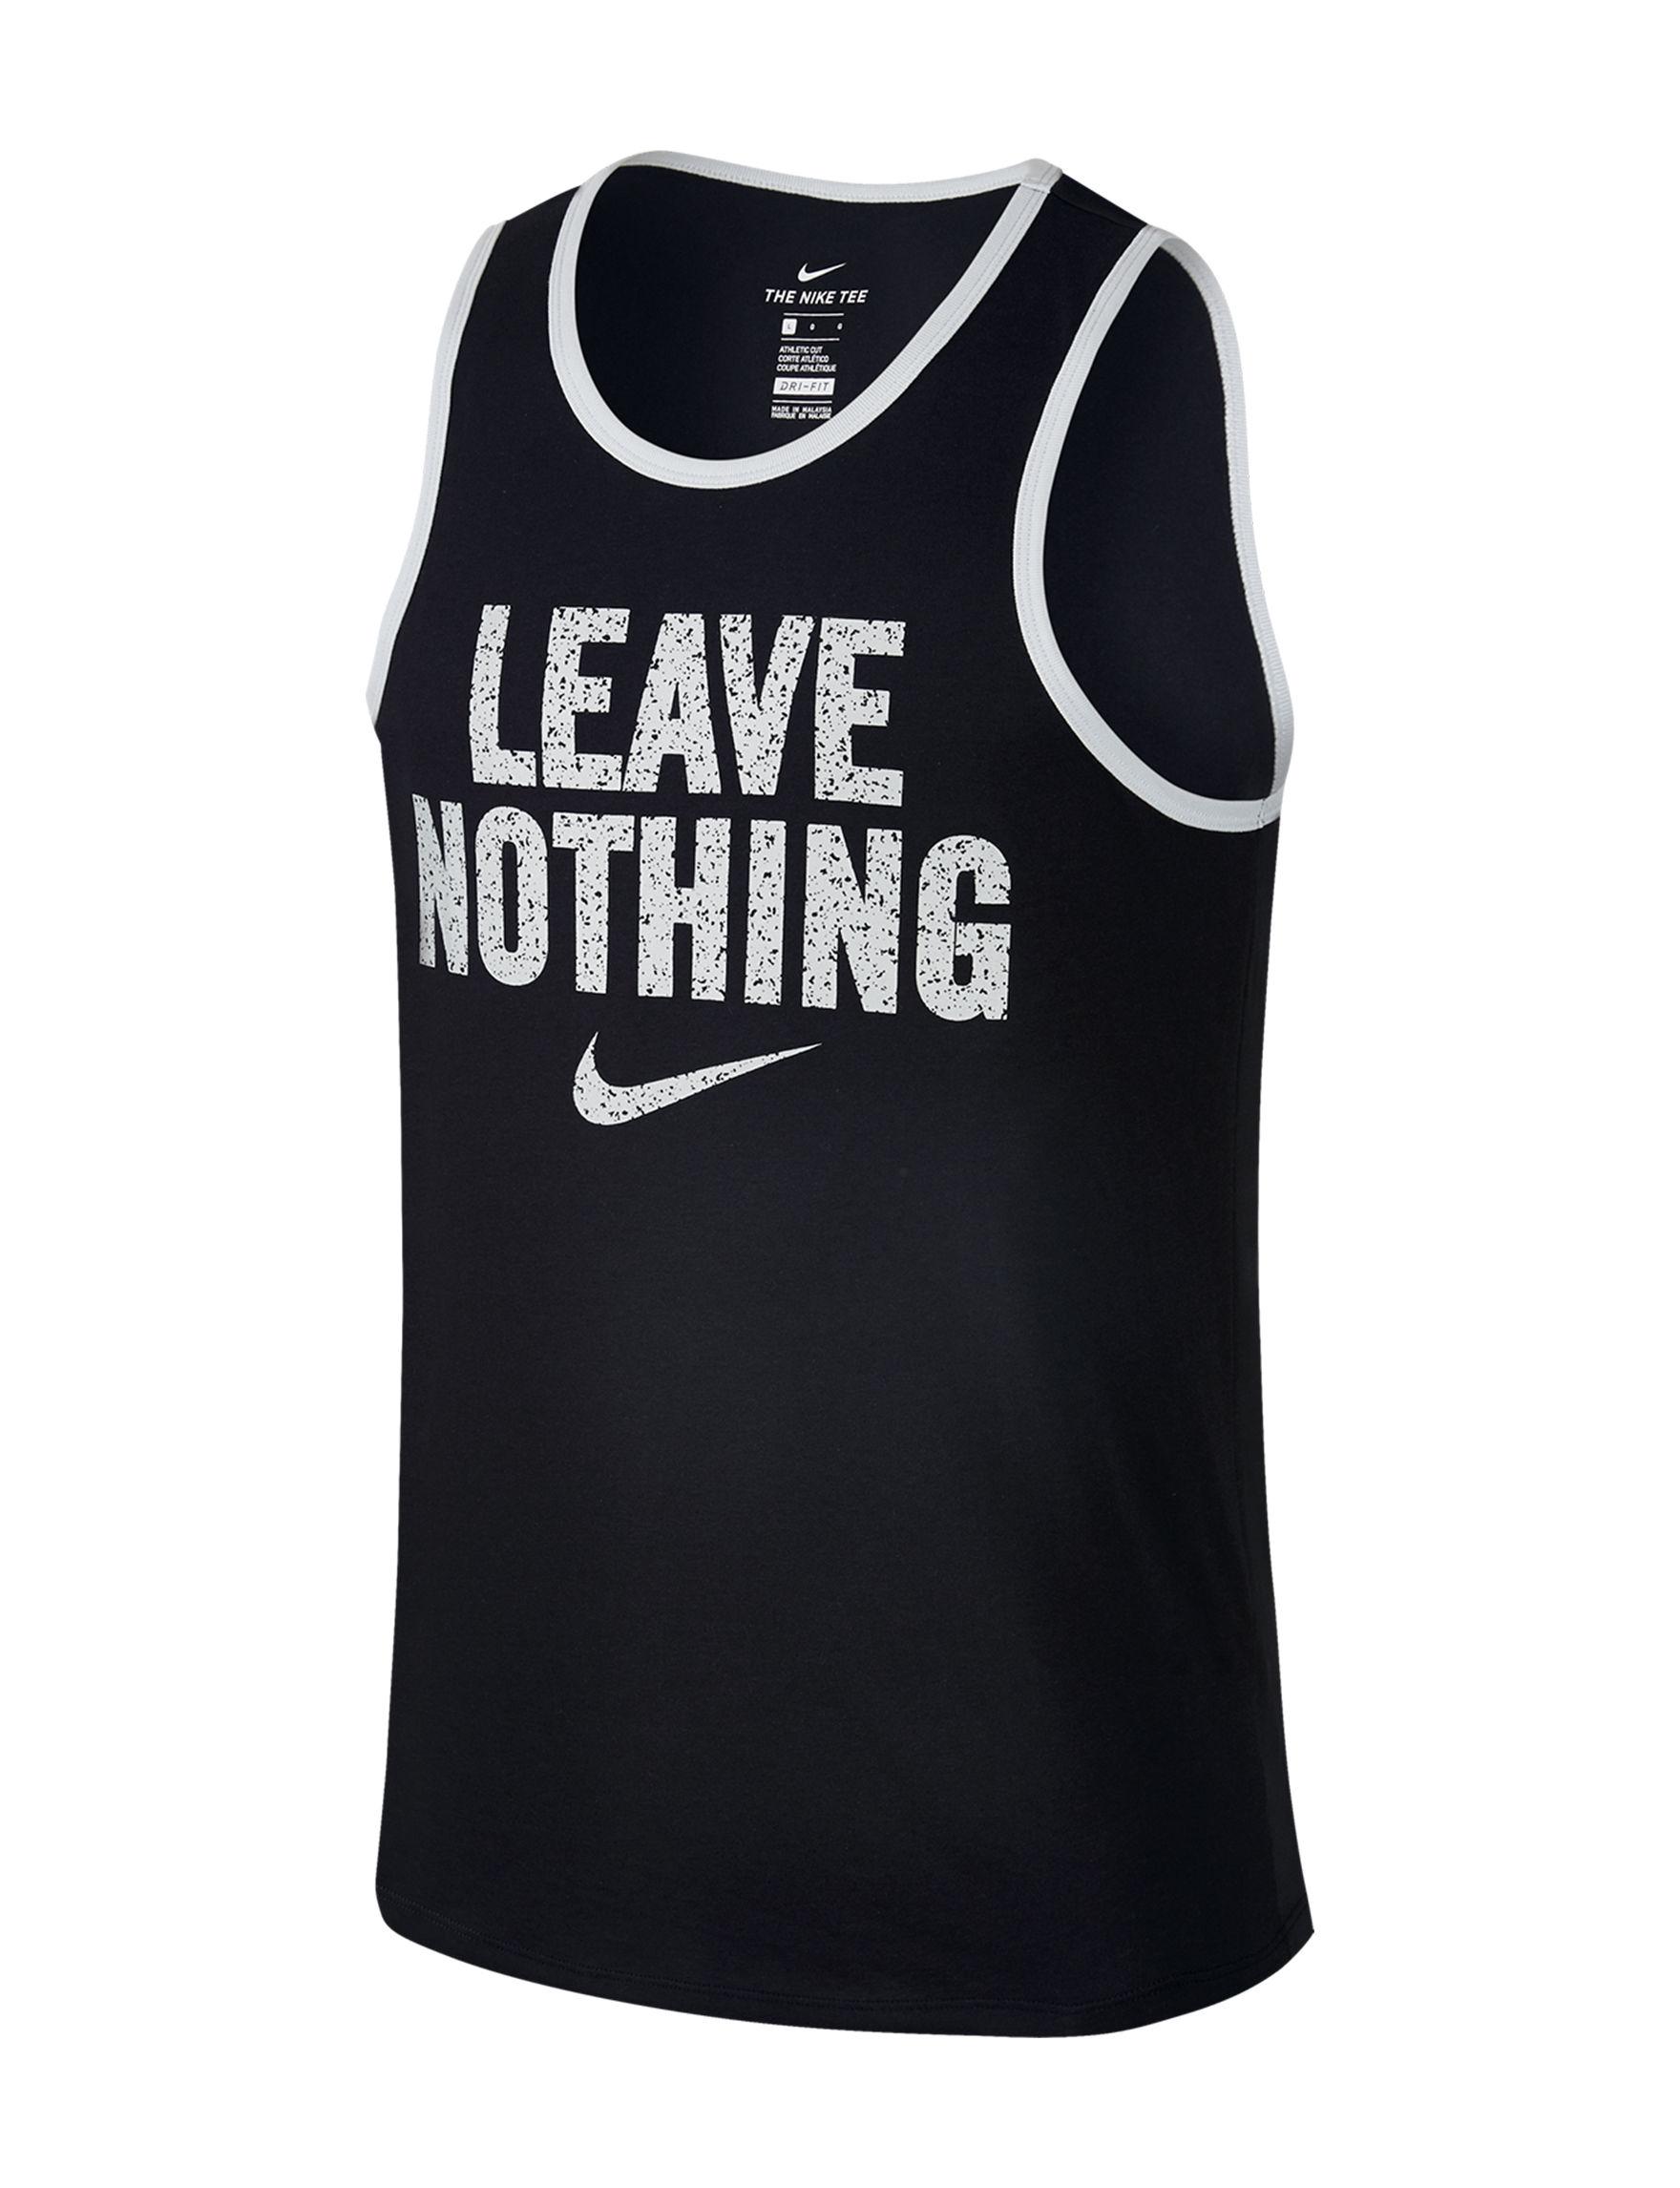 Nike Black Tees & Tanks